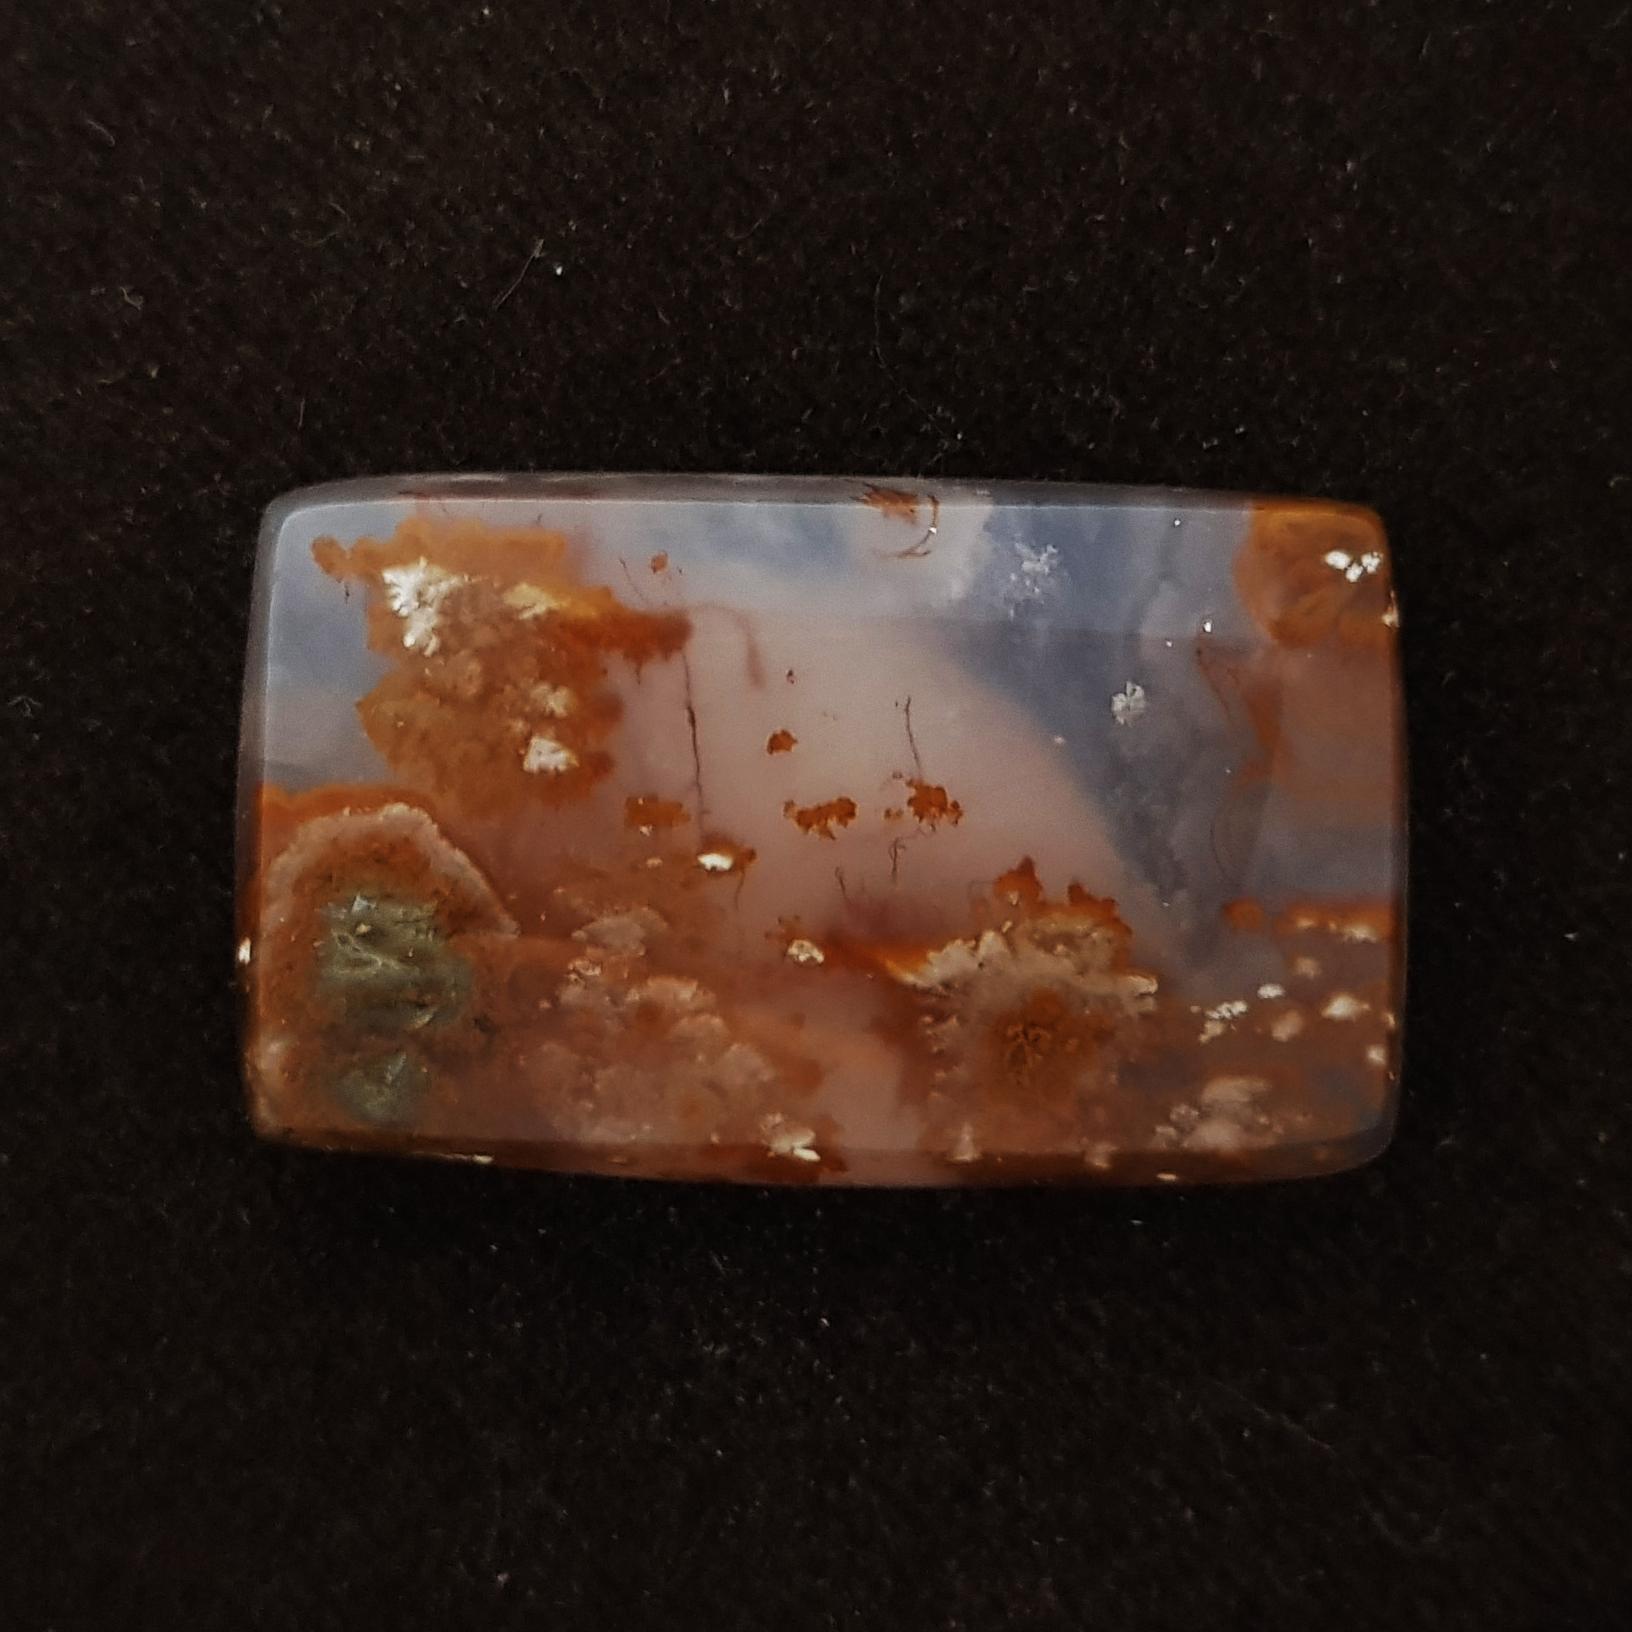 سنگ عقیق شجر سلین کالا مدل ce-op39